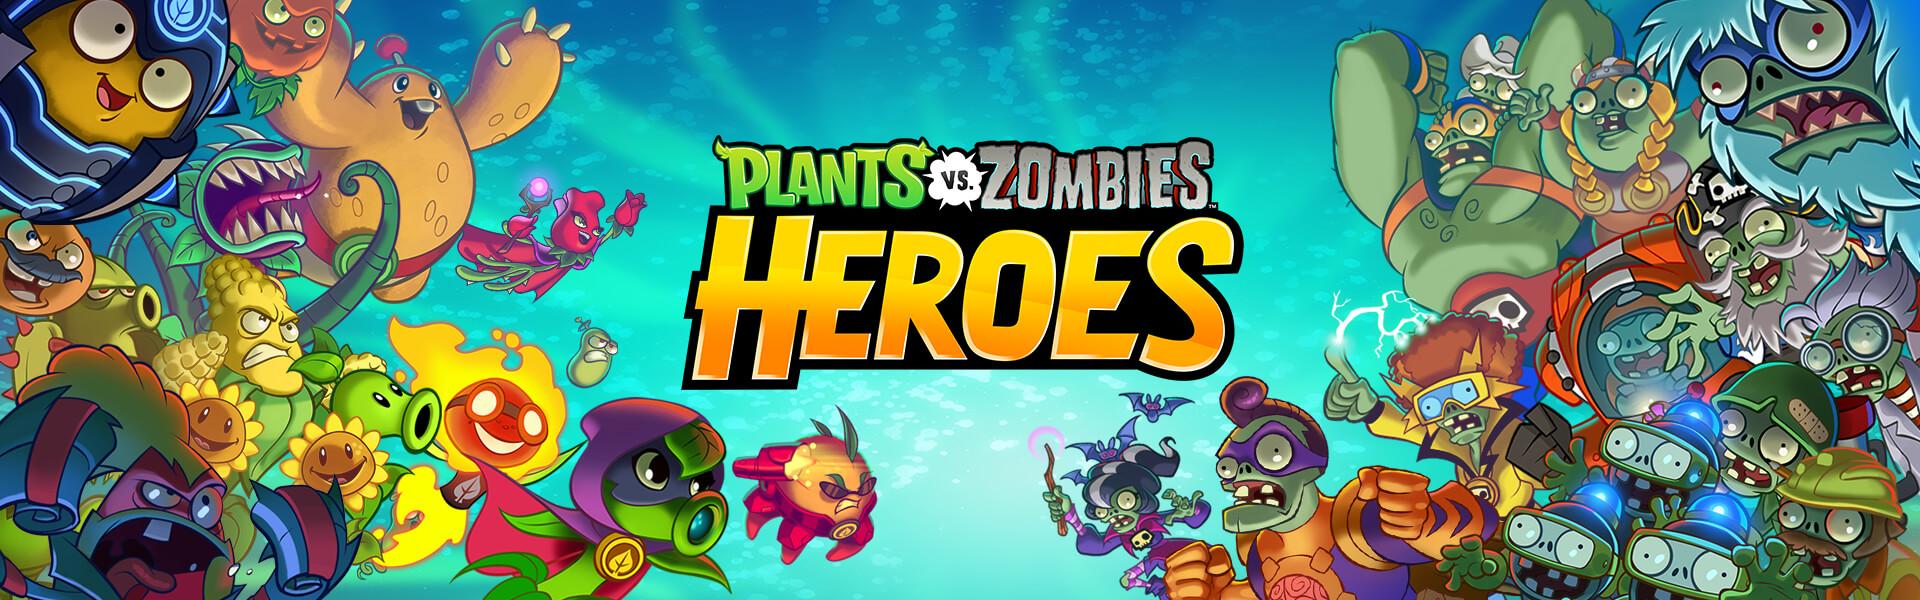 Plants vs. Zombies Heroes revient sur mobile avec une composante de jeu de cartes